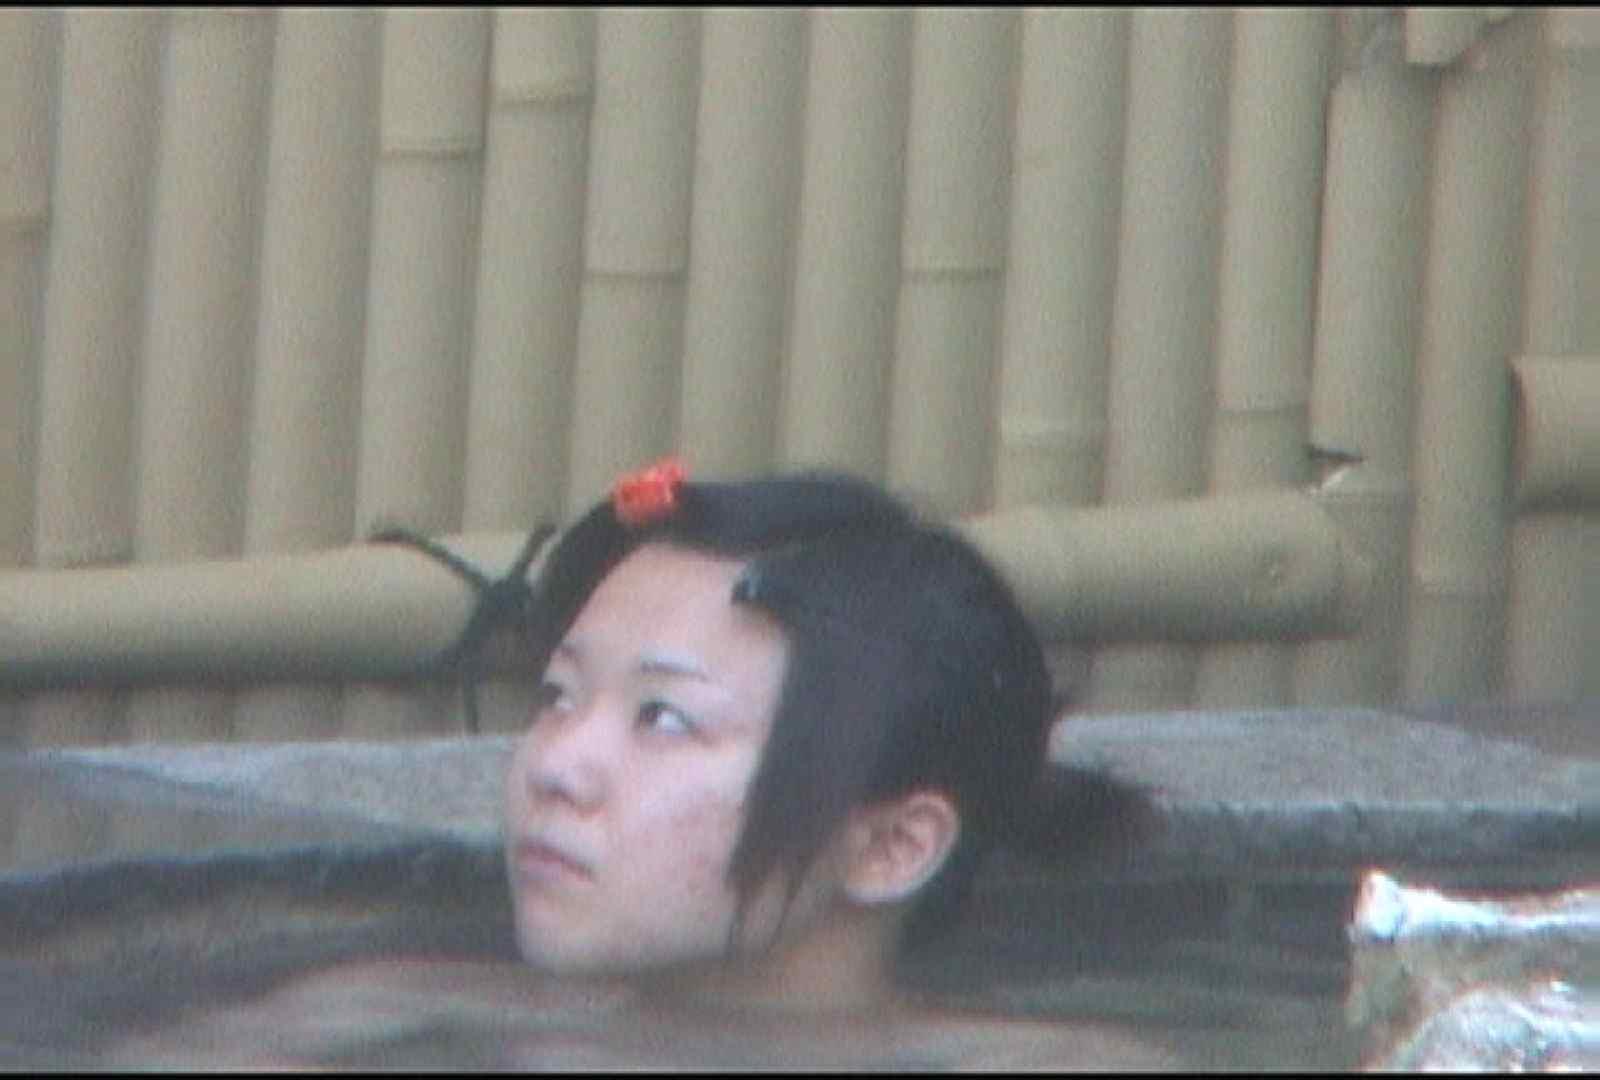 Aquaな露天風呂Vol.175 0   0  51pic 27